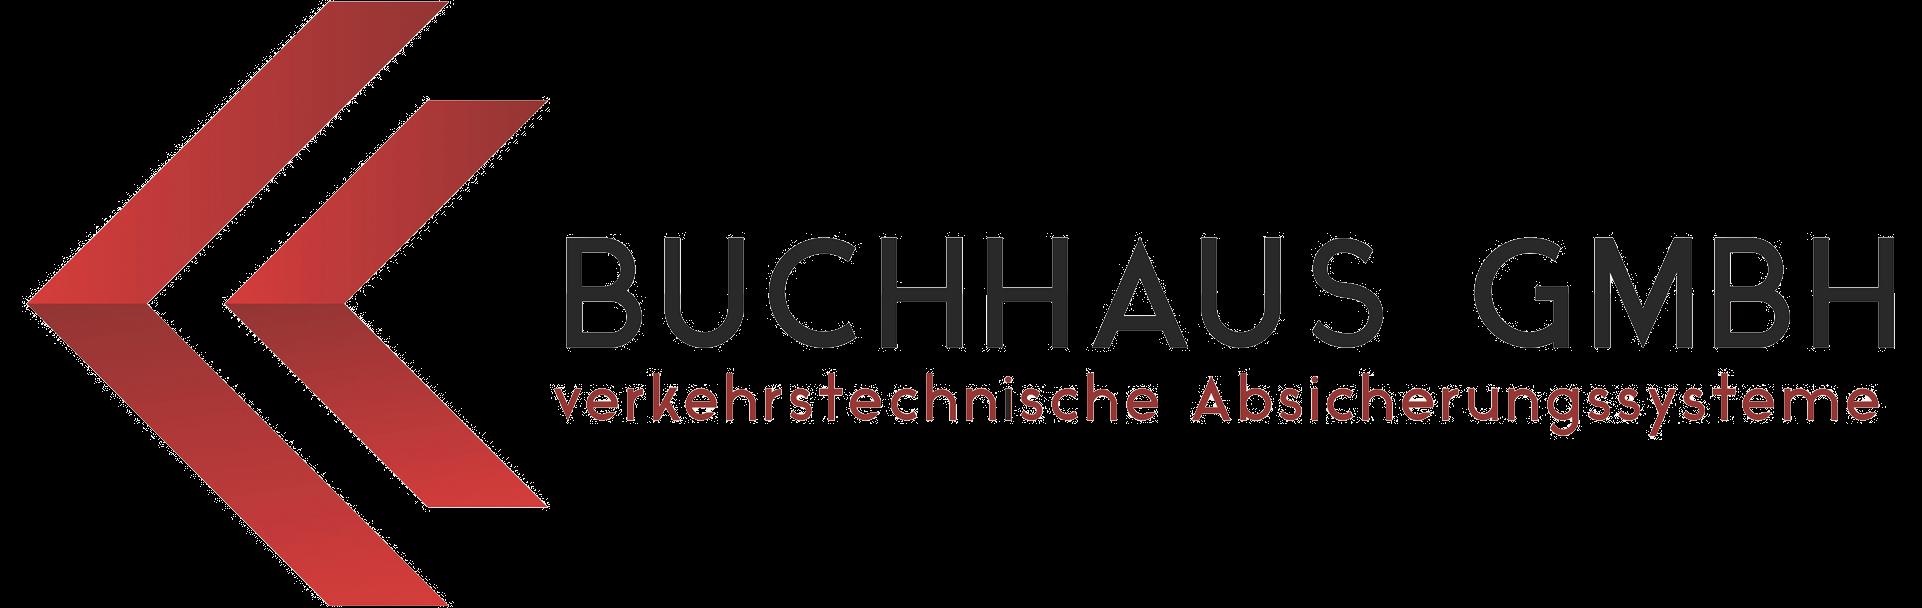 Buchhaus GmbH | Buchhaus GmbH verkehrstechnische Absicherungssysteme. Die Buchhaus GmbH ist ein Unternehmen, dass sich auf die Planung und Fertigung von verkehrstechnischen Absicherungssystemen spezialisiert hat